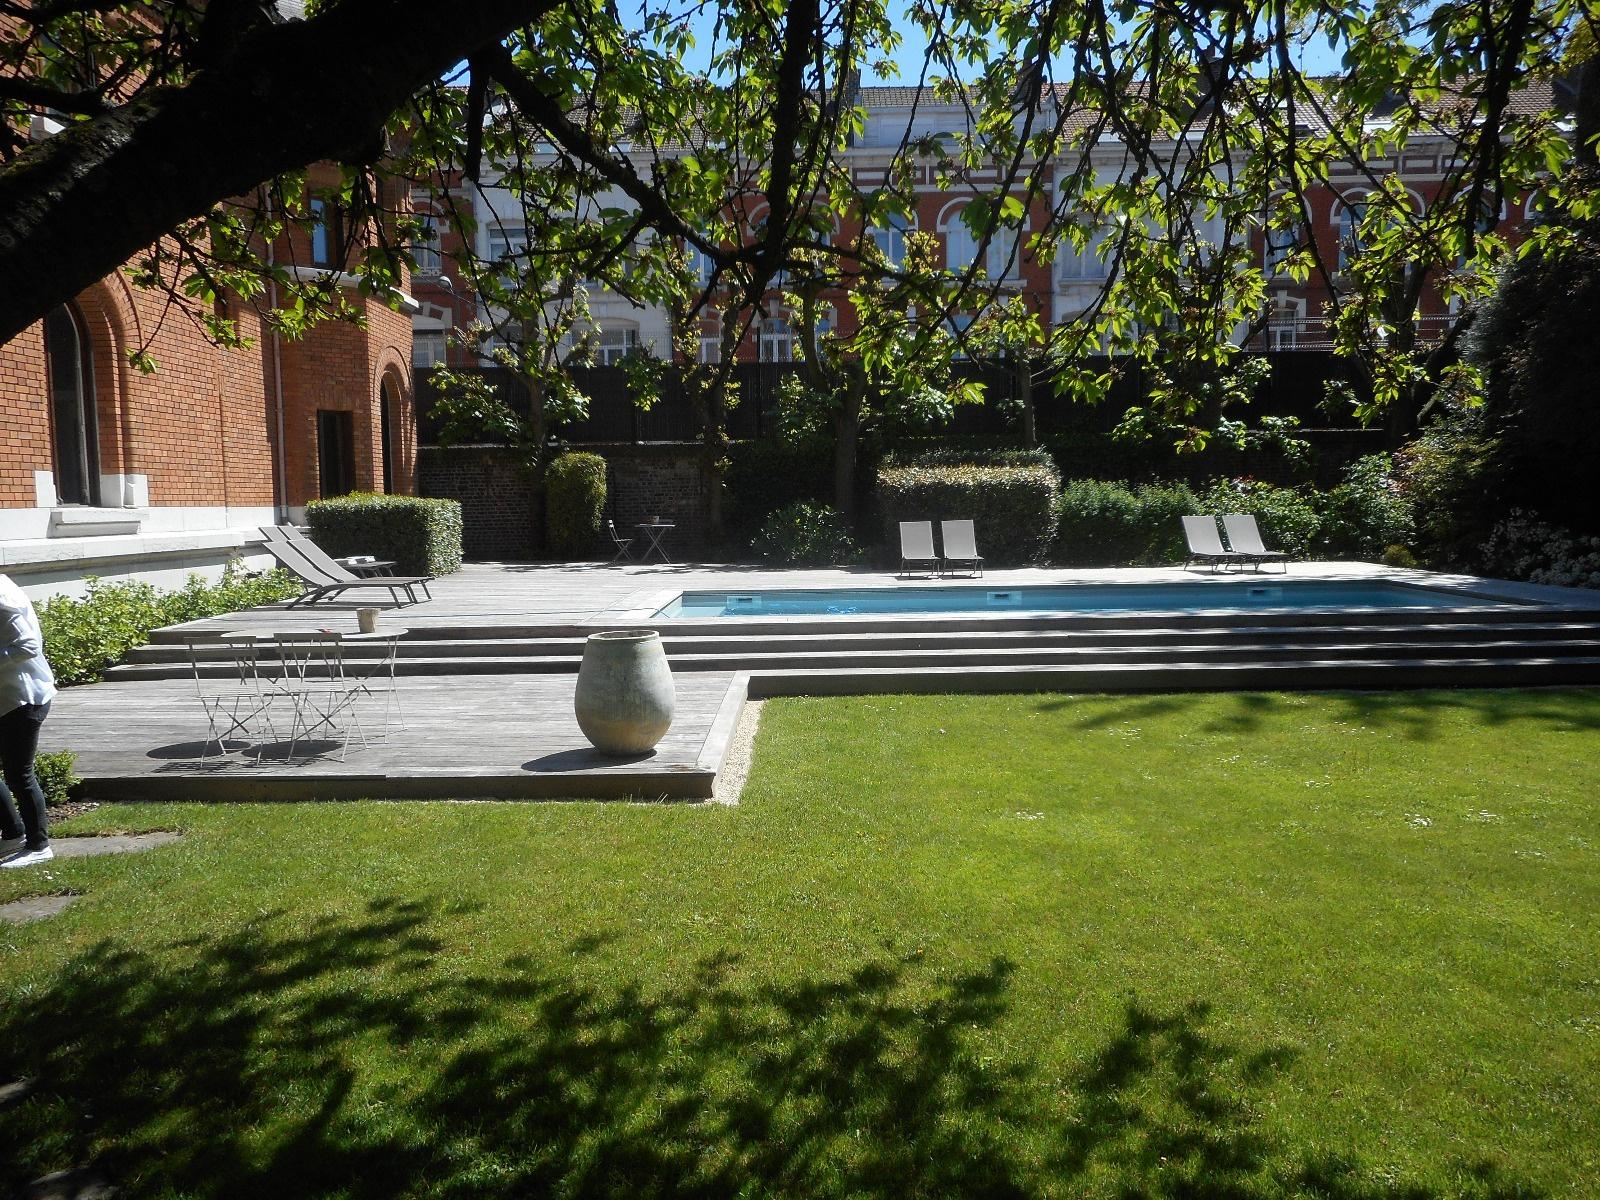 Hotel particulier Lille entièrement restaure  piscine exterieure chauffée  Annie Caillier 0683162981